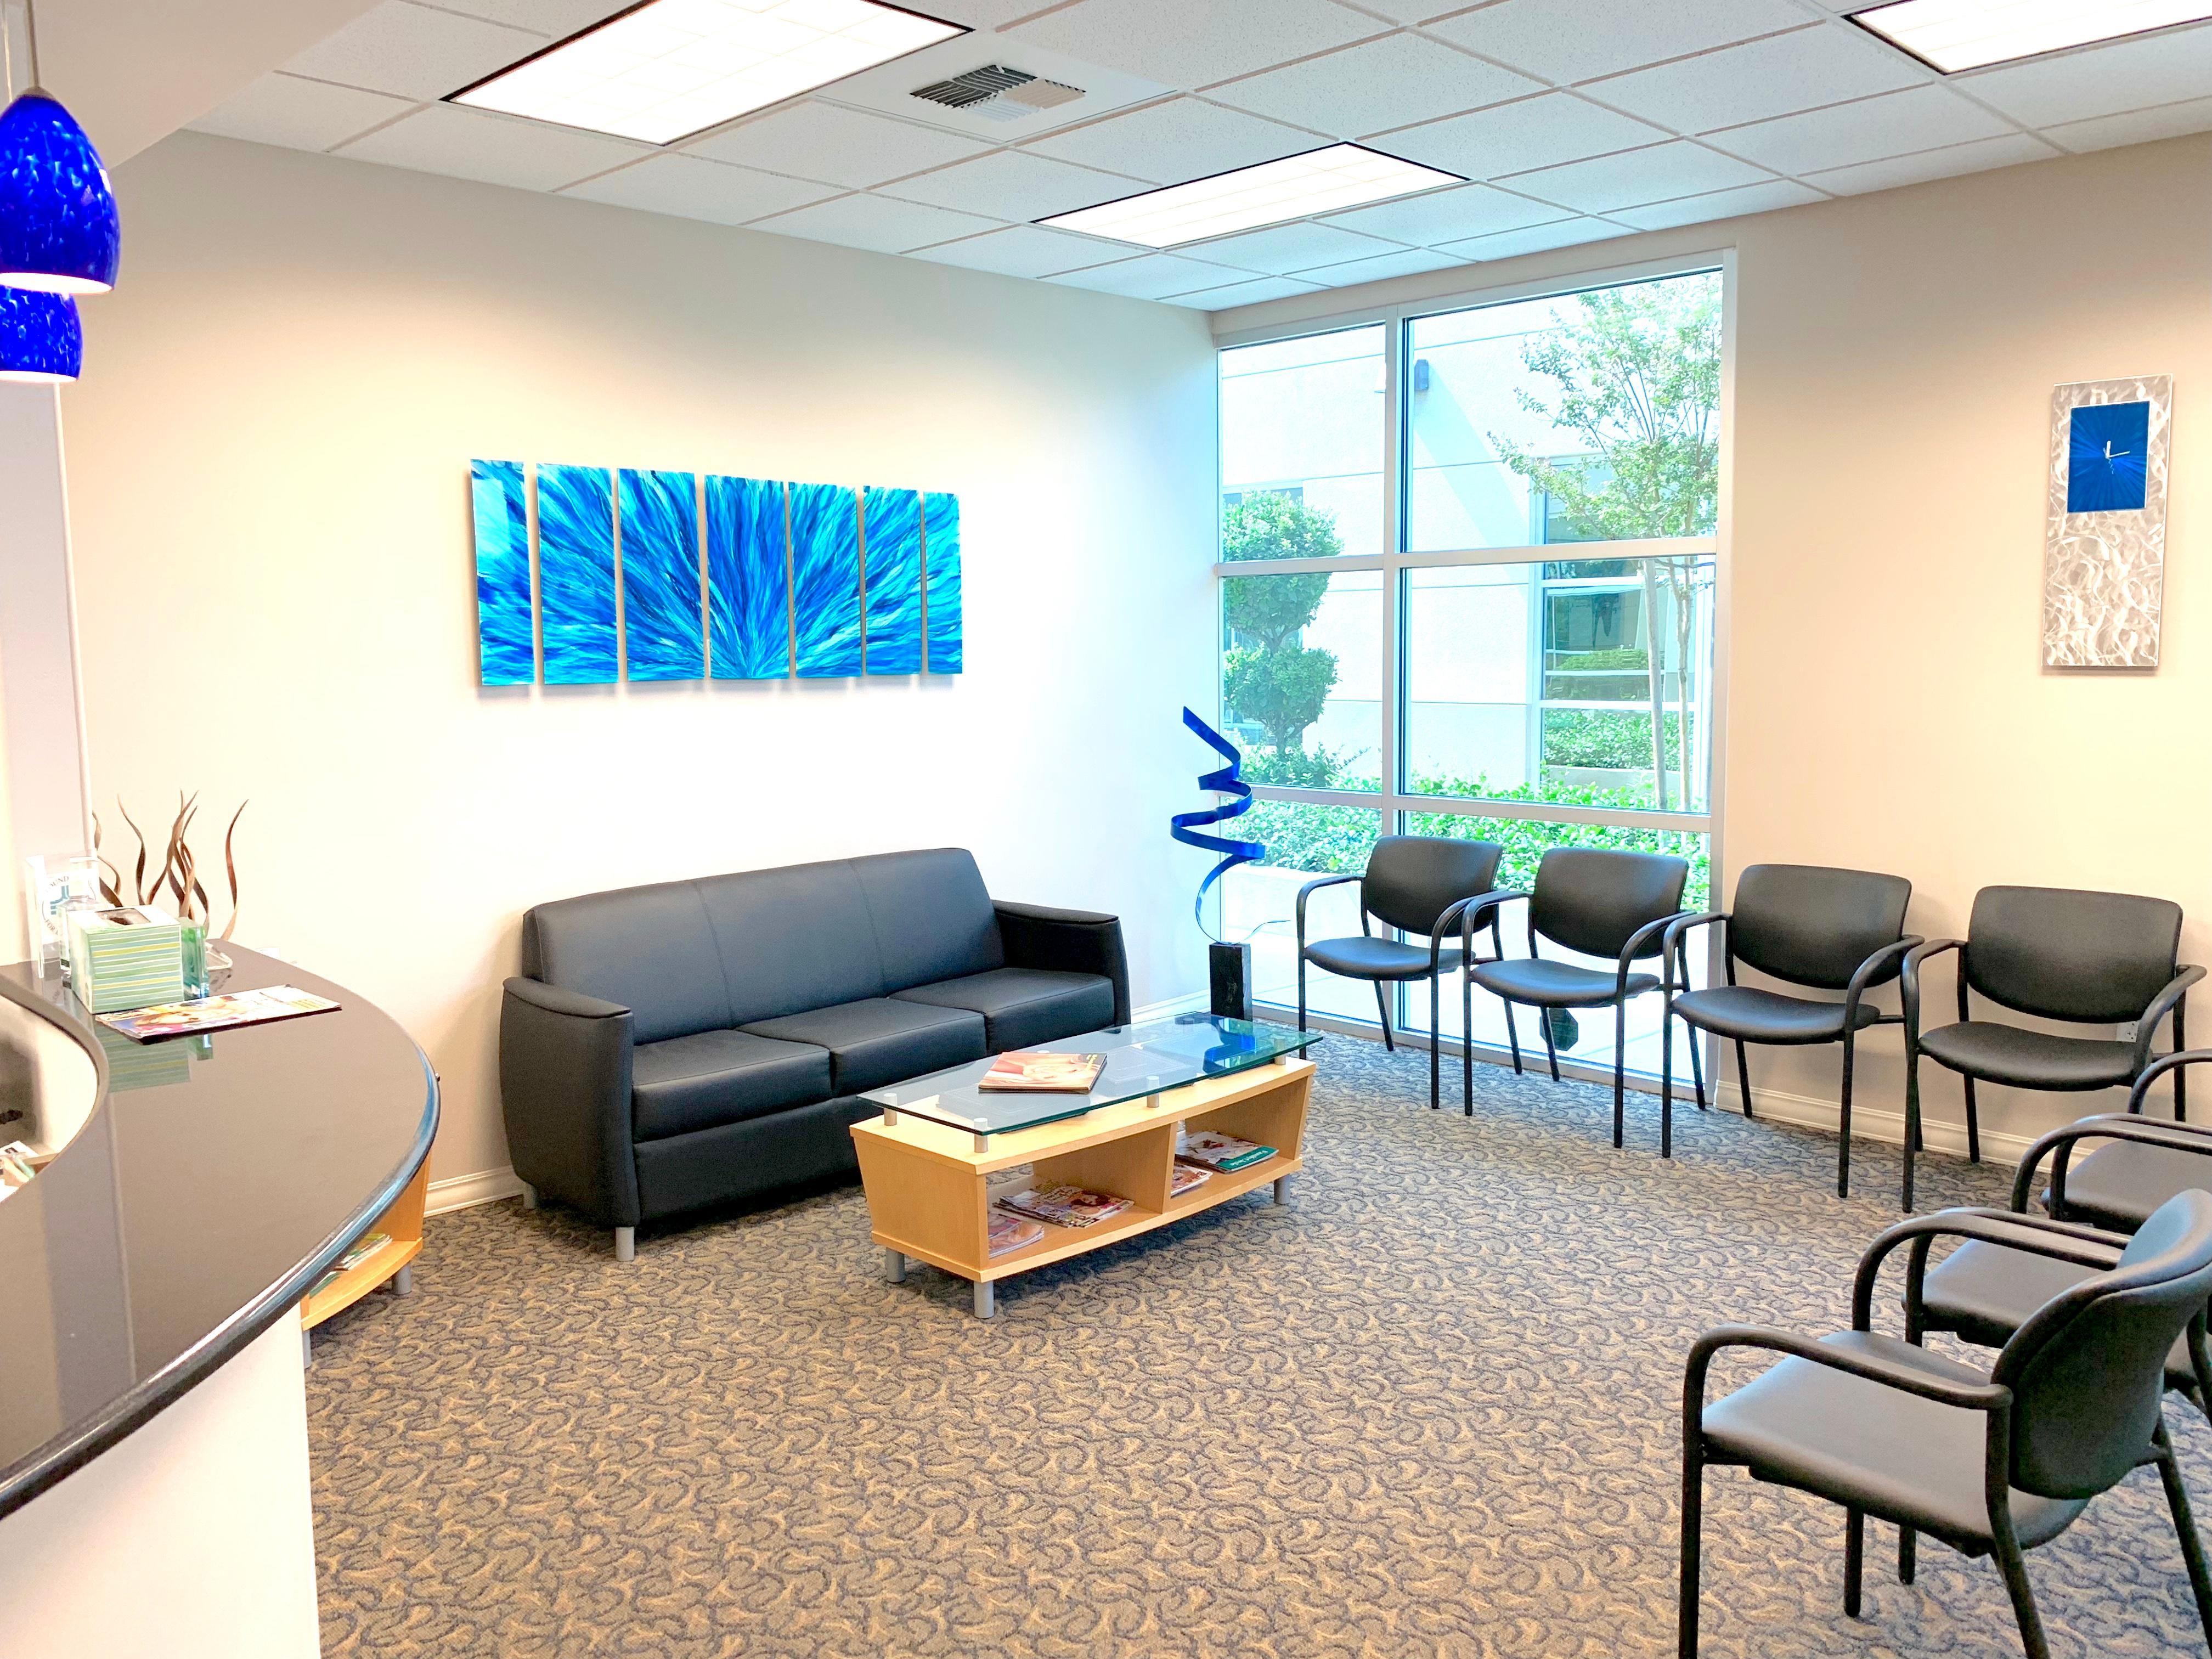 Auburn Dental Center image 1